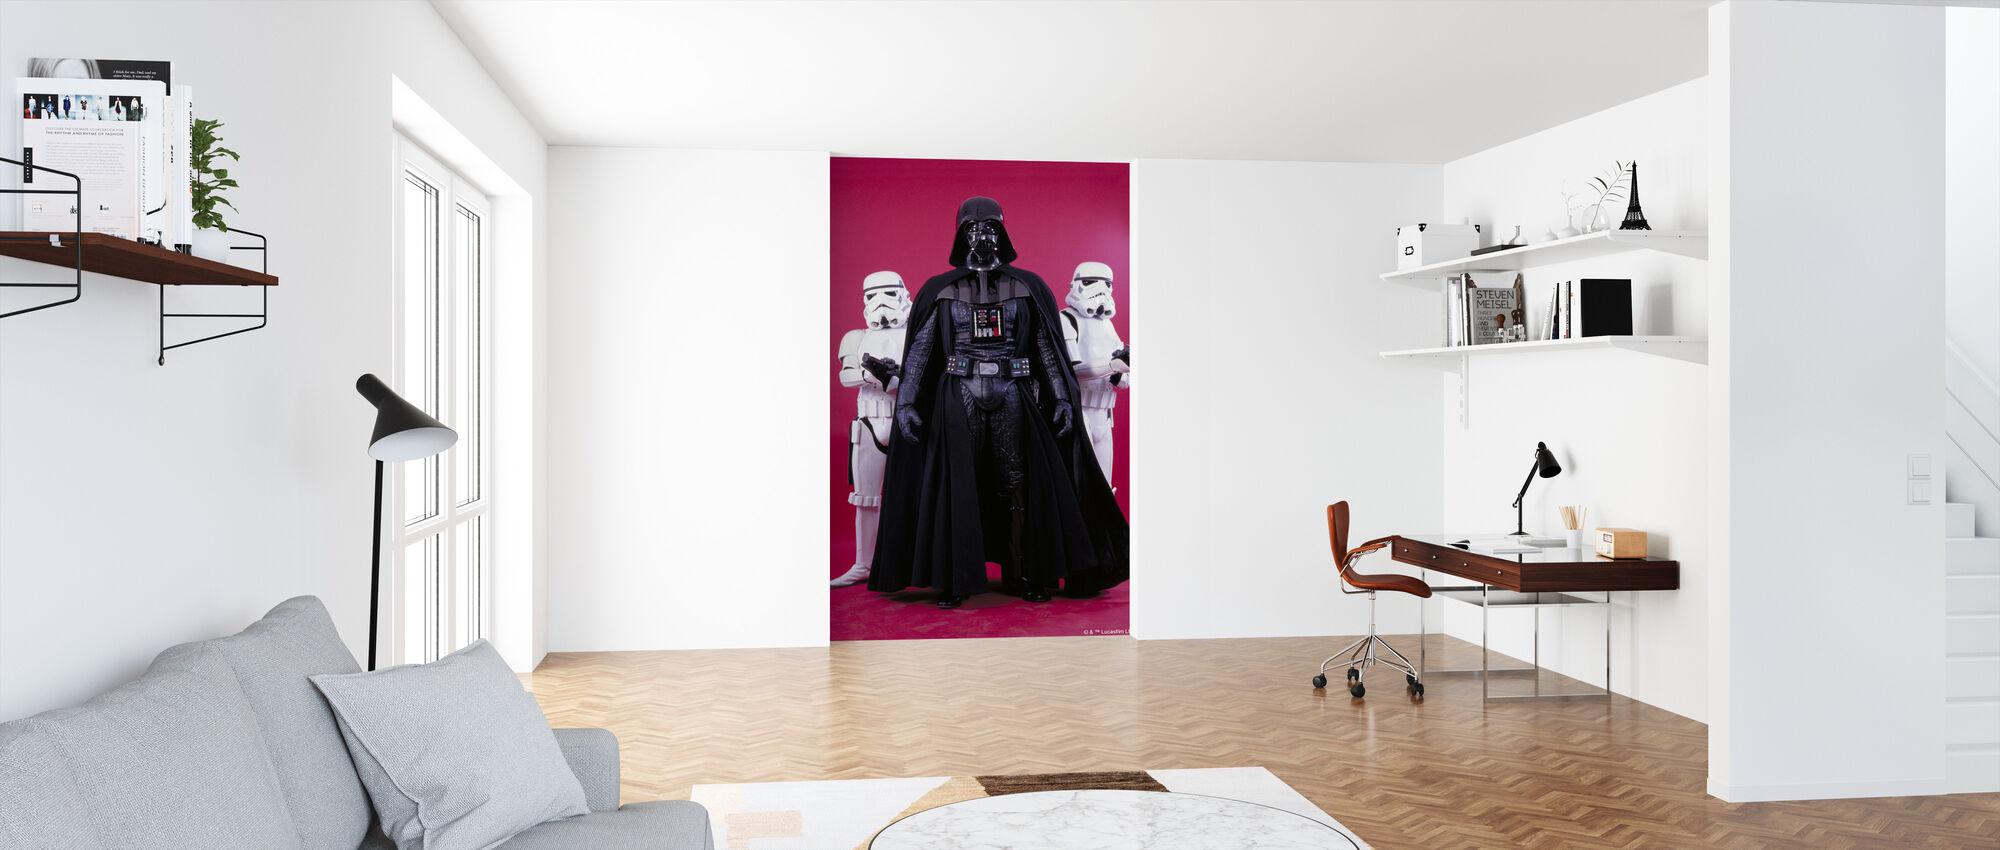 Star Wars - Darth Vader Stormtroopers - Tapet - Kontor